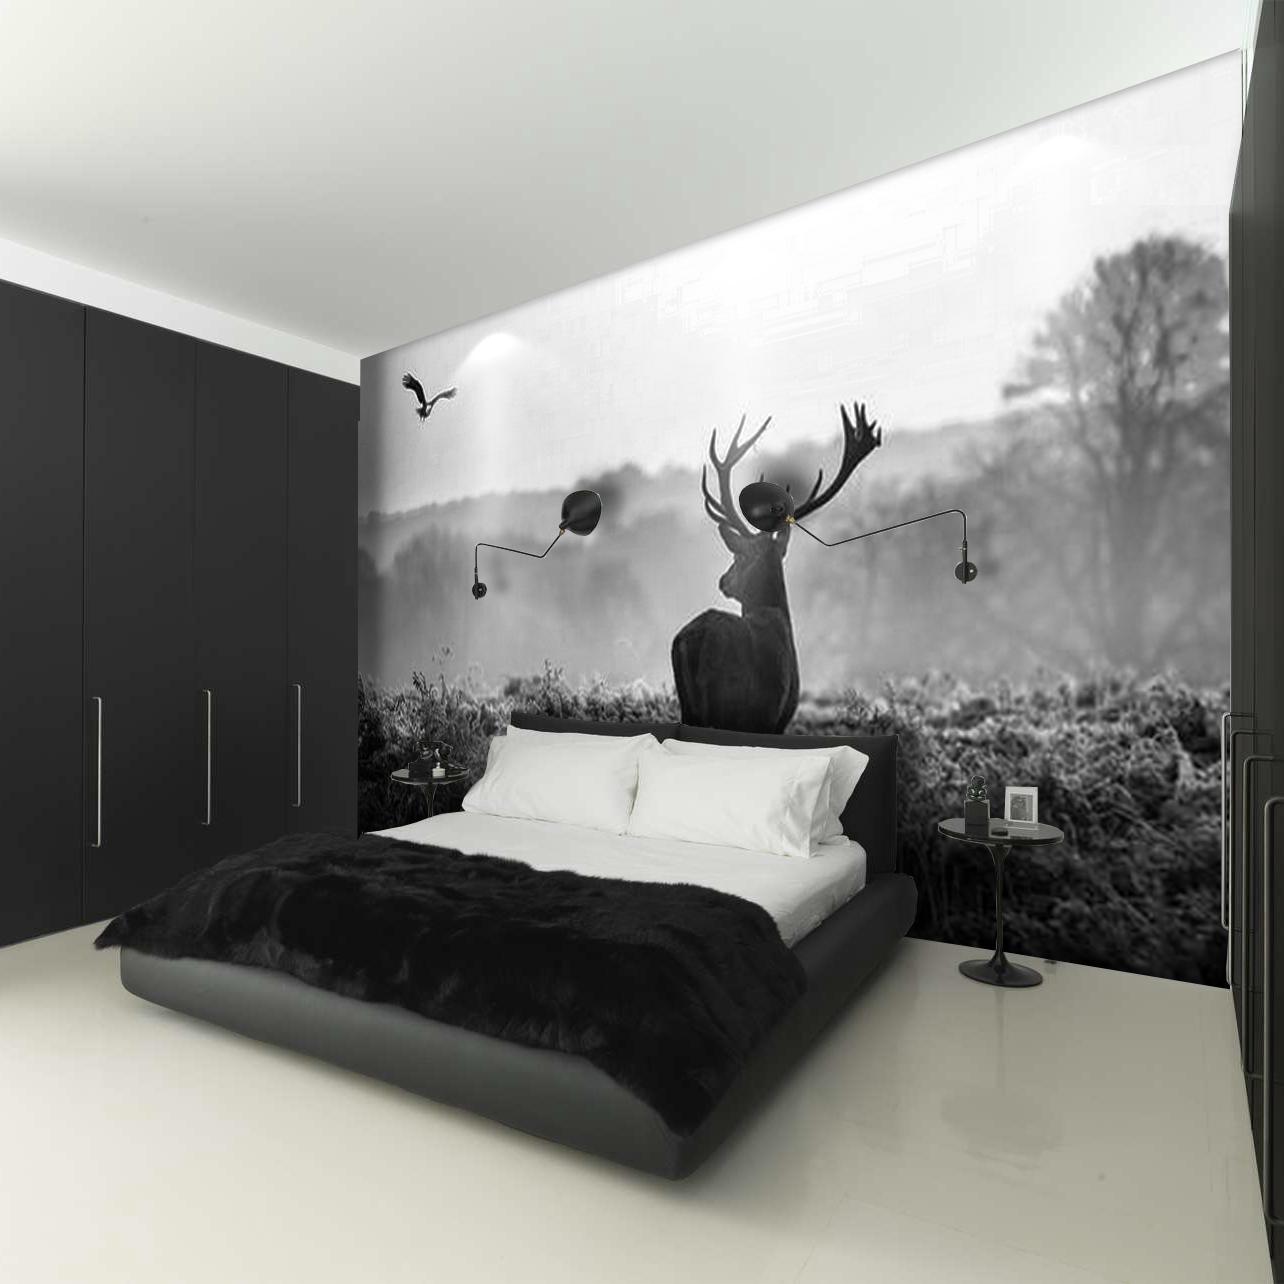 立体北欧麋鹿小鹿黑白灰色森林壁纸树林墙布客厅电视背景墙墙纸 3d